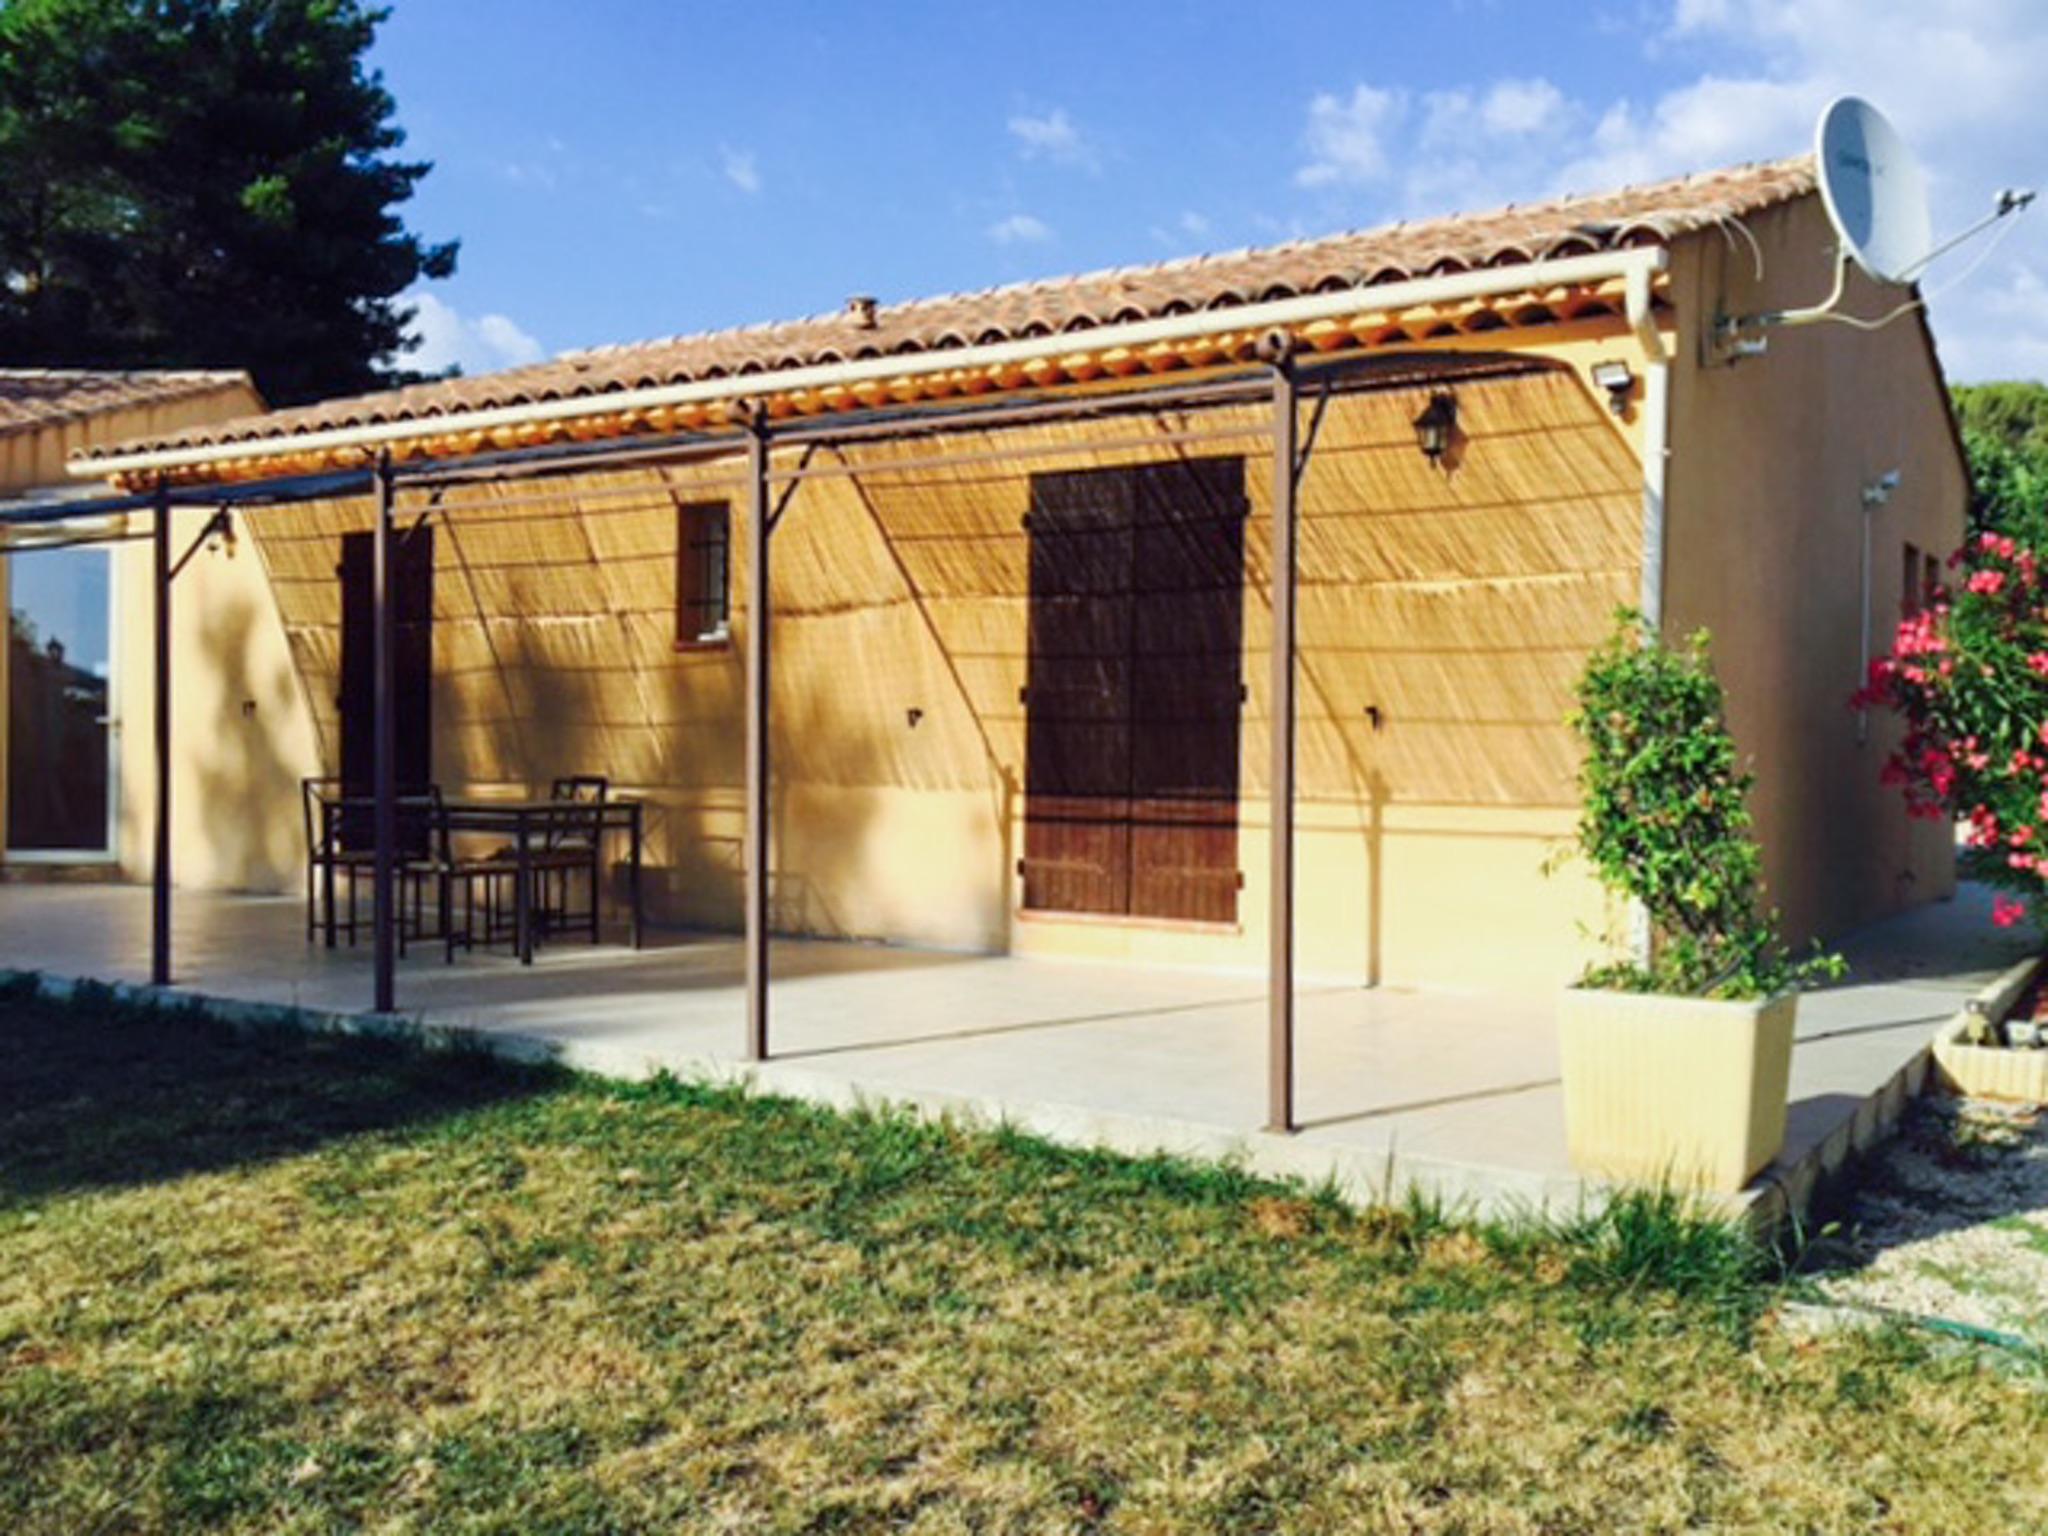 Ferienhaus Haus mit drei Schlafzimmern, Pool, Garten und Terrasse in der Luberon (2201928), Pertuis, Vaucluse, Provence - Alpen - Côte d'Azur, Frankreich, Bild 36